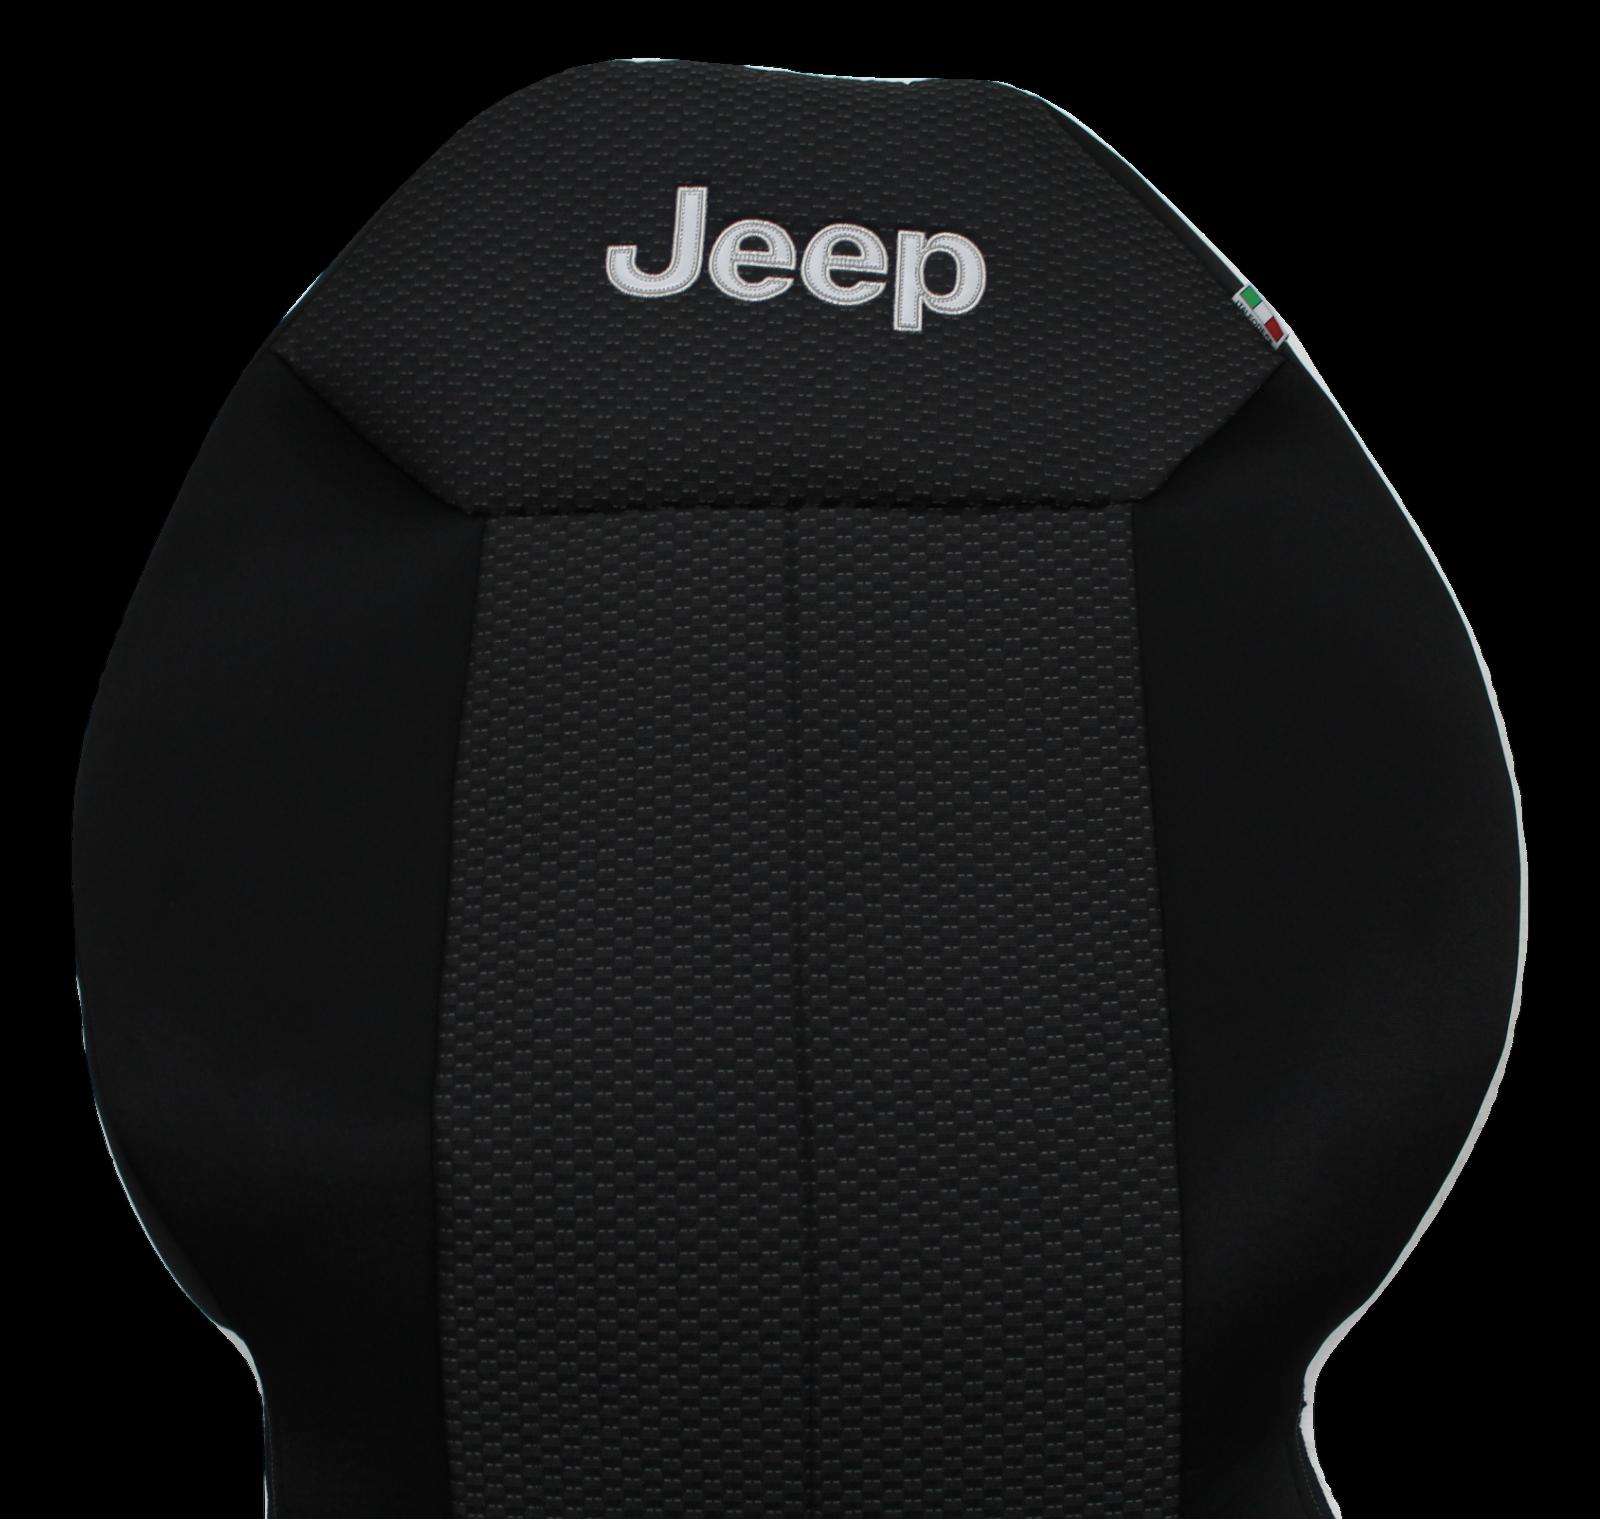 FODERE COPRISEDILI Jeep Renegade SU MISURA! Foderine RENEGADE COMPLETE Nero 38 2